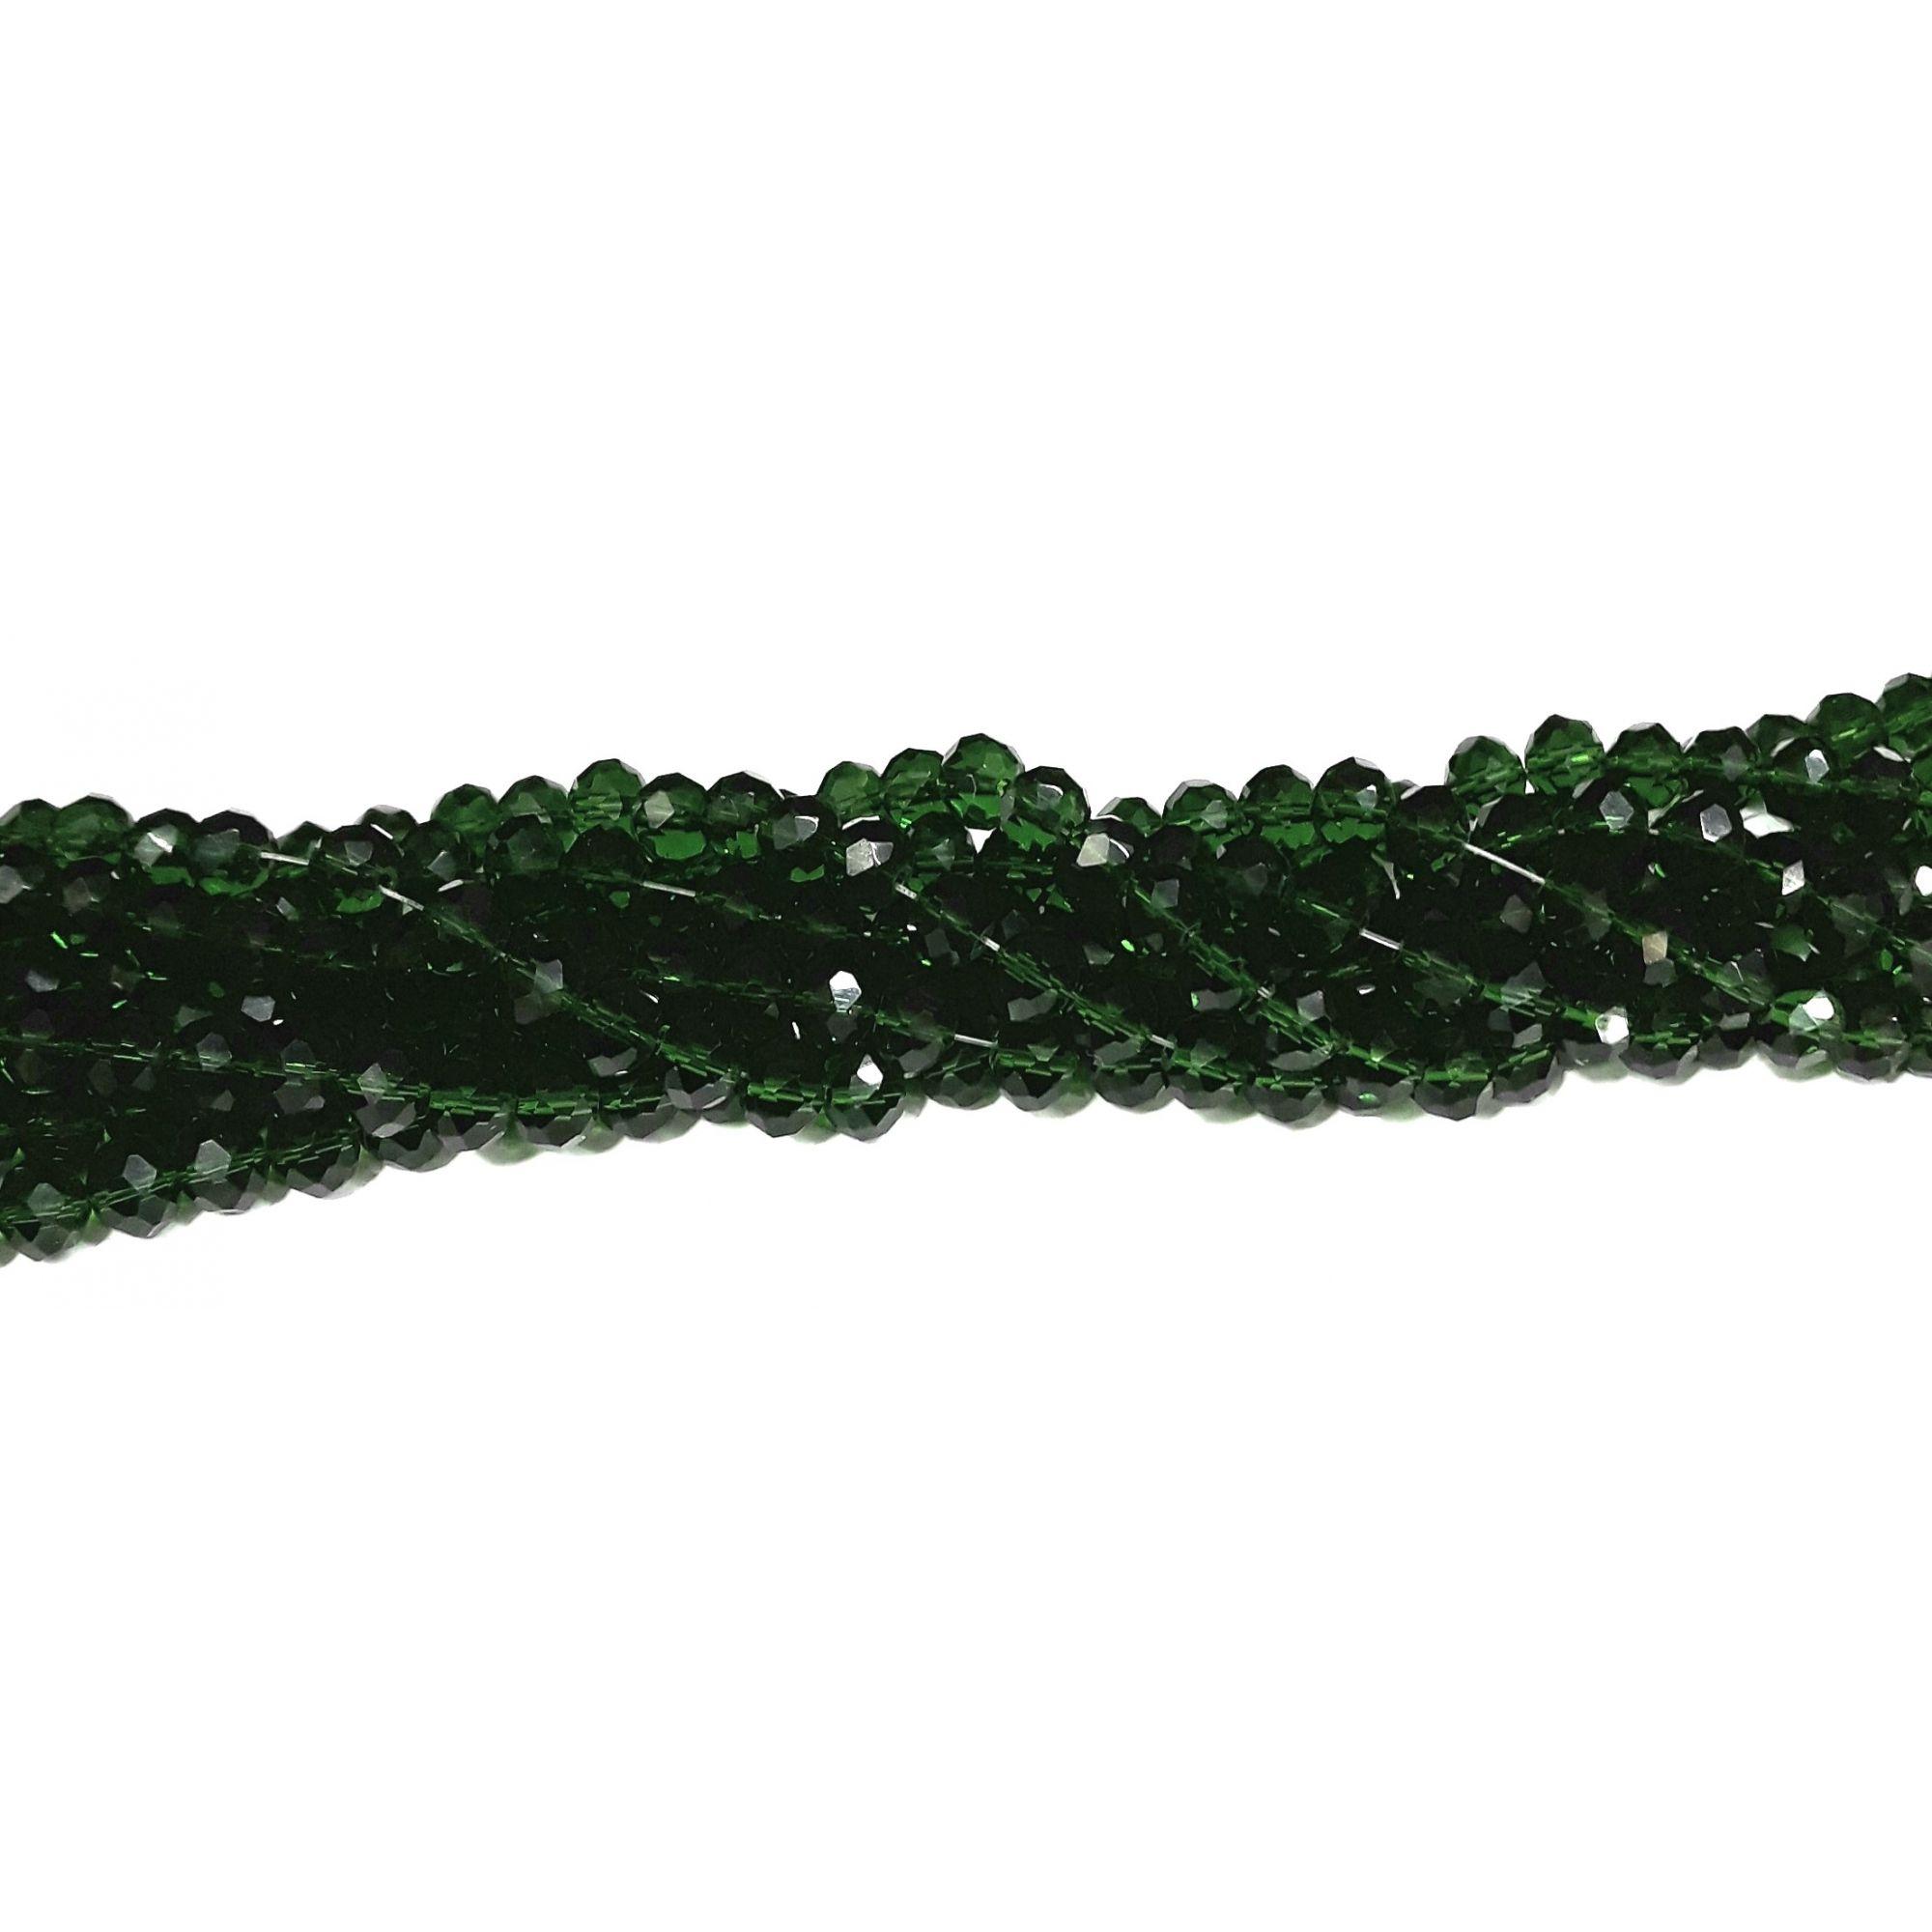 Fio de Cristal 8mm (Verde Musgo) - FDC11